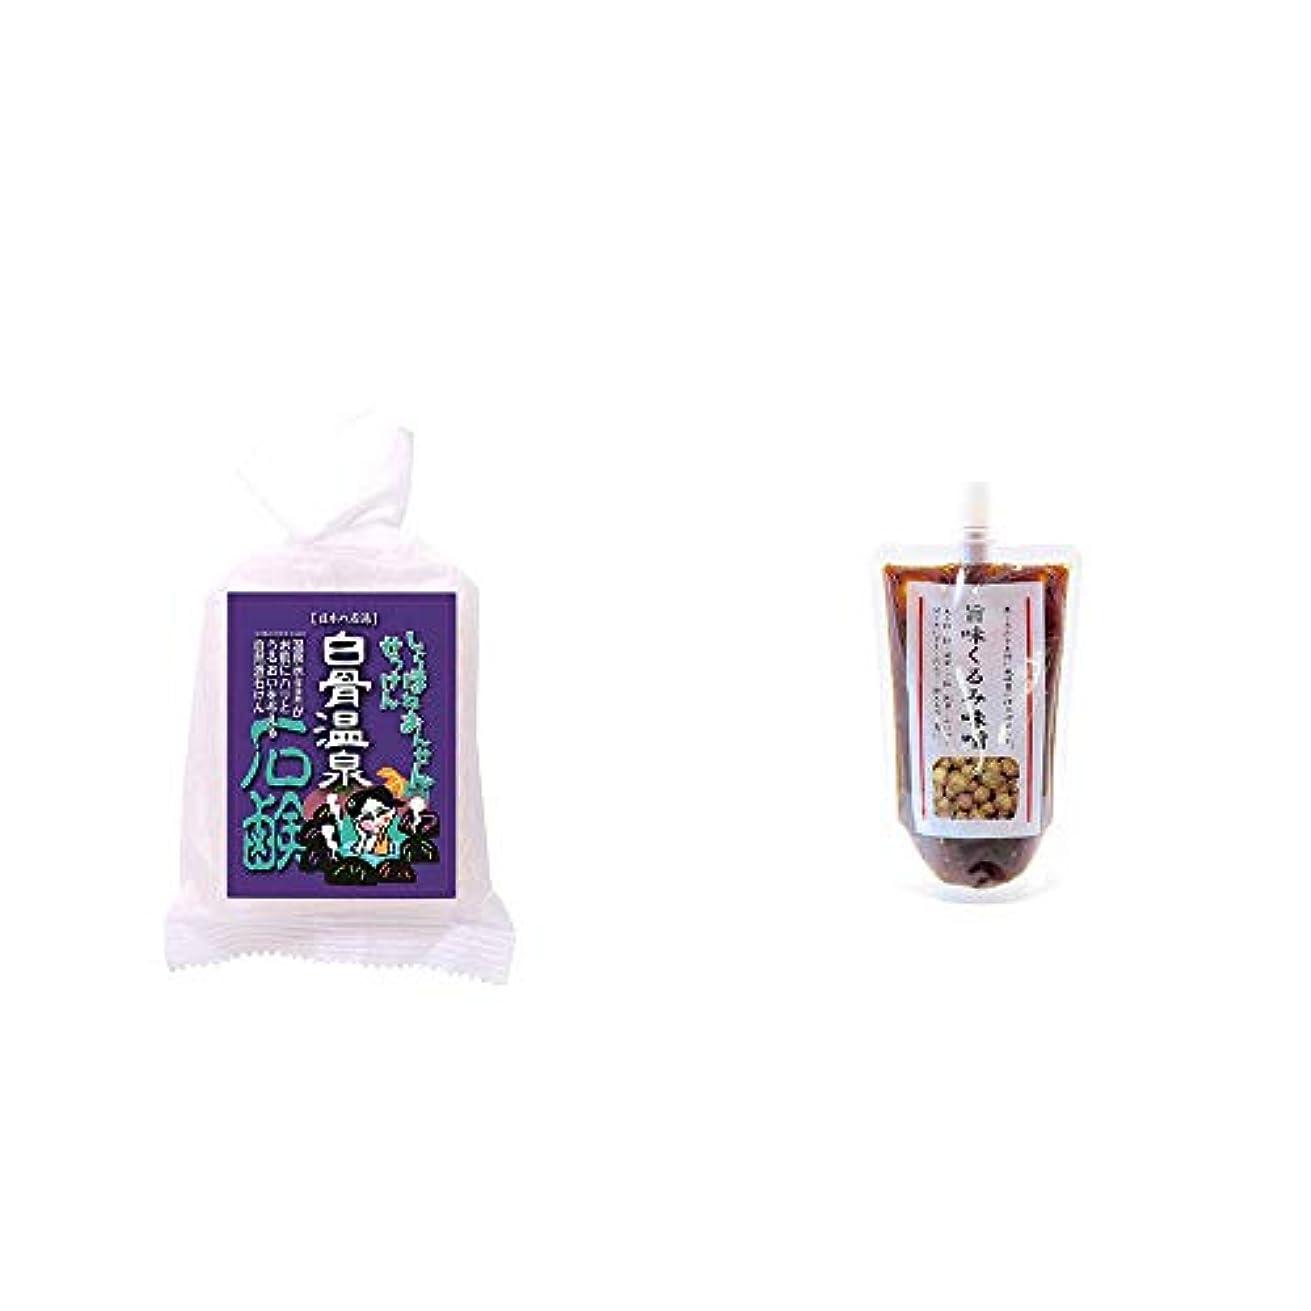 忌避剤彫刻病者[2点セット] 信州 白骨温泉石鹸(80g)?旨味くるみ味噌(260g)